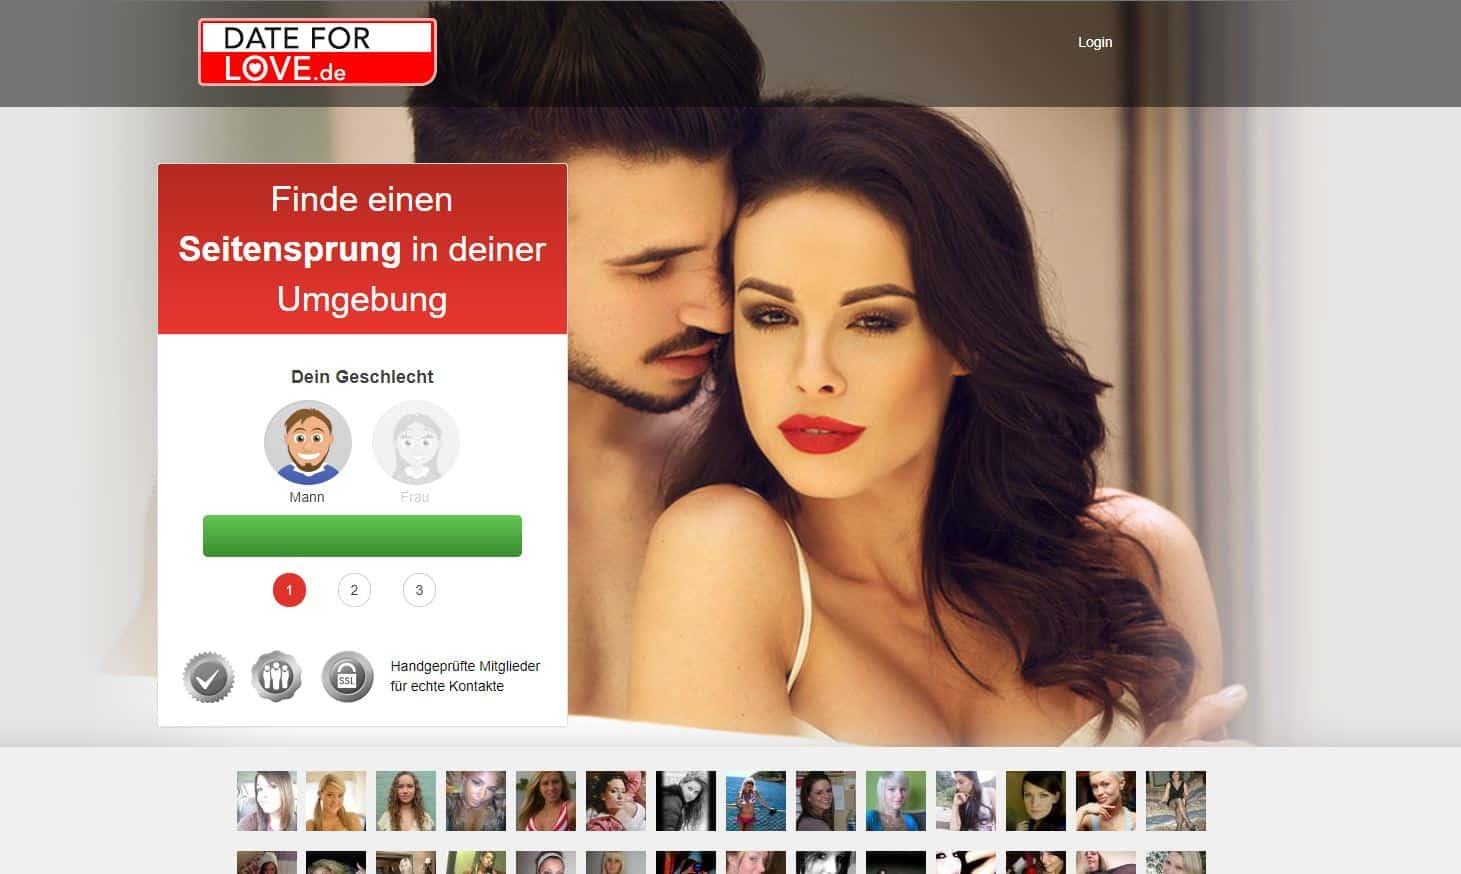 Testbericht: DateForLove.de Abzocke